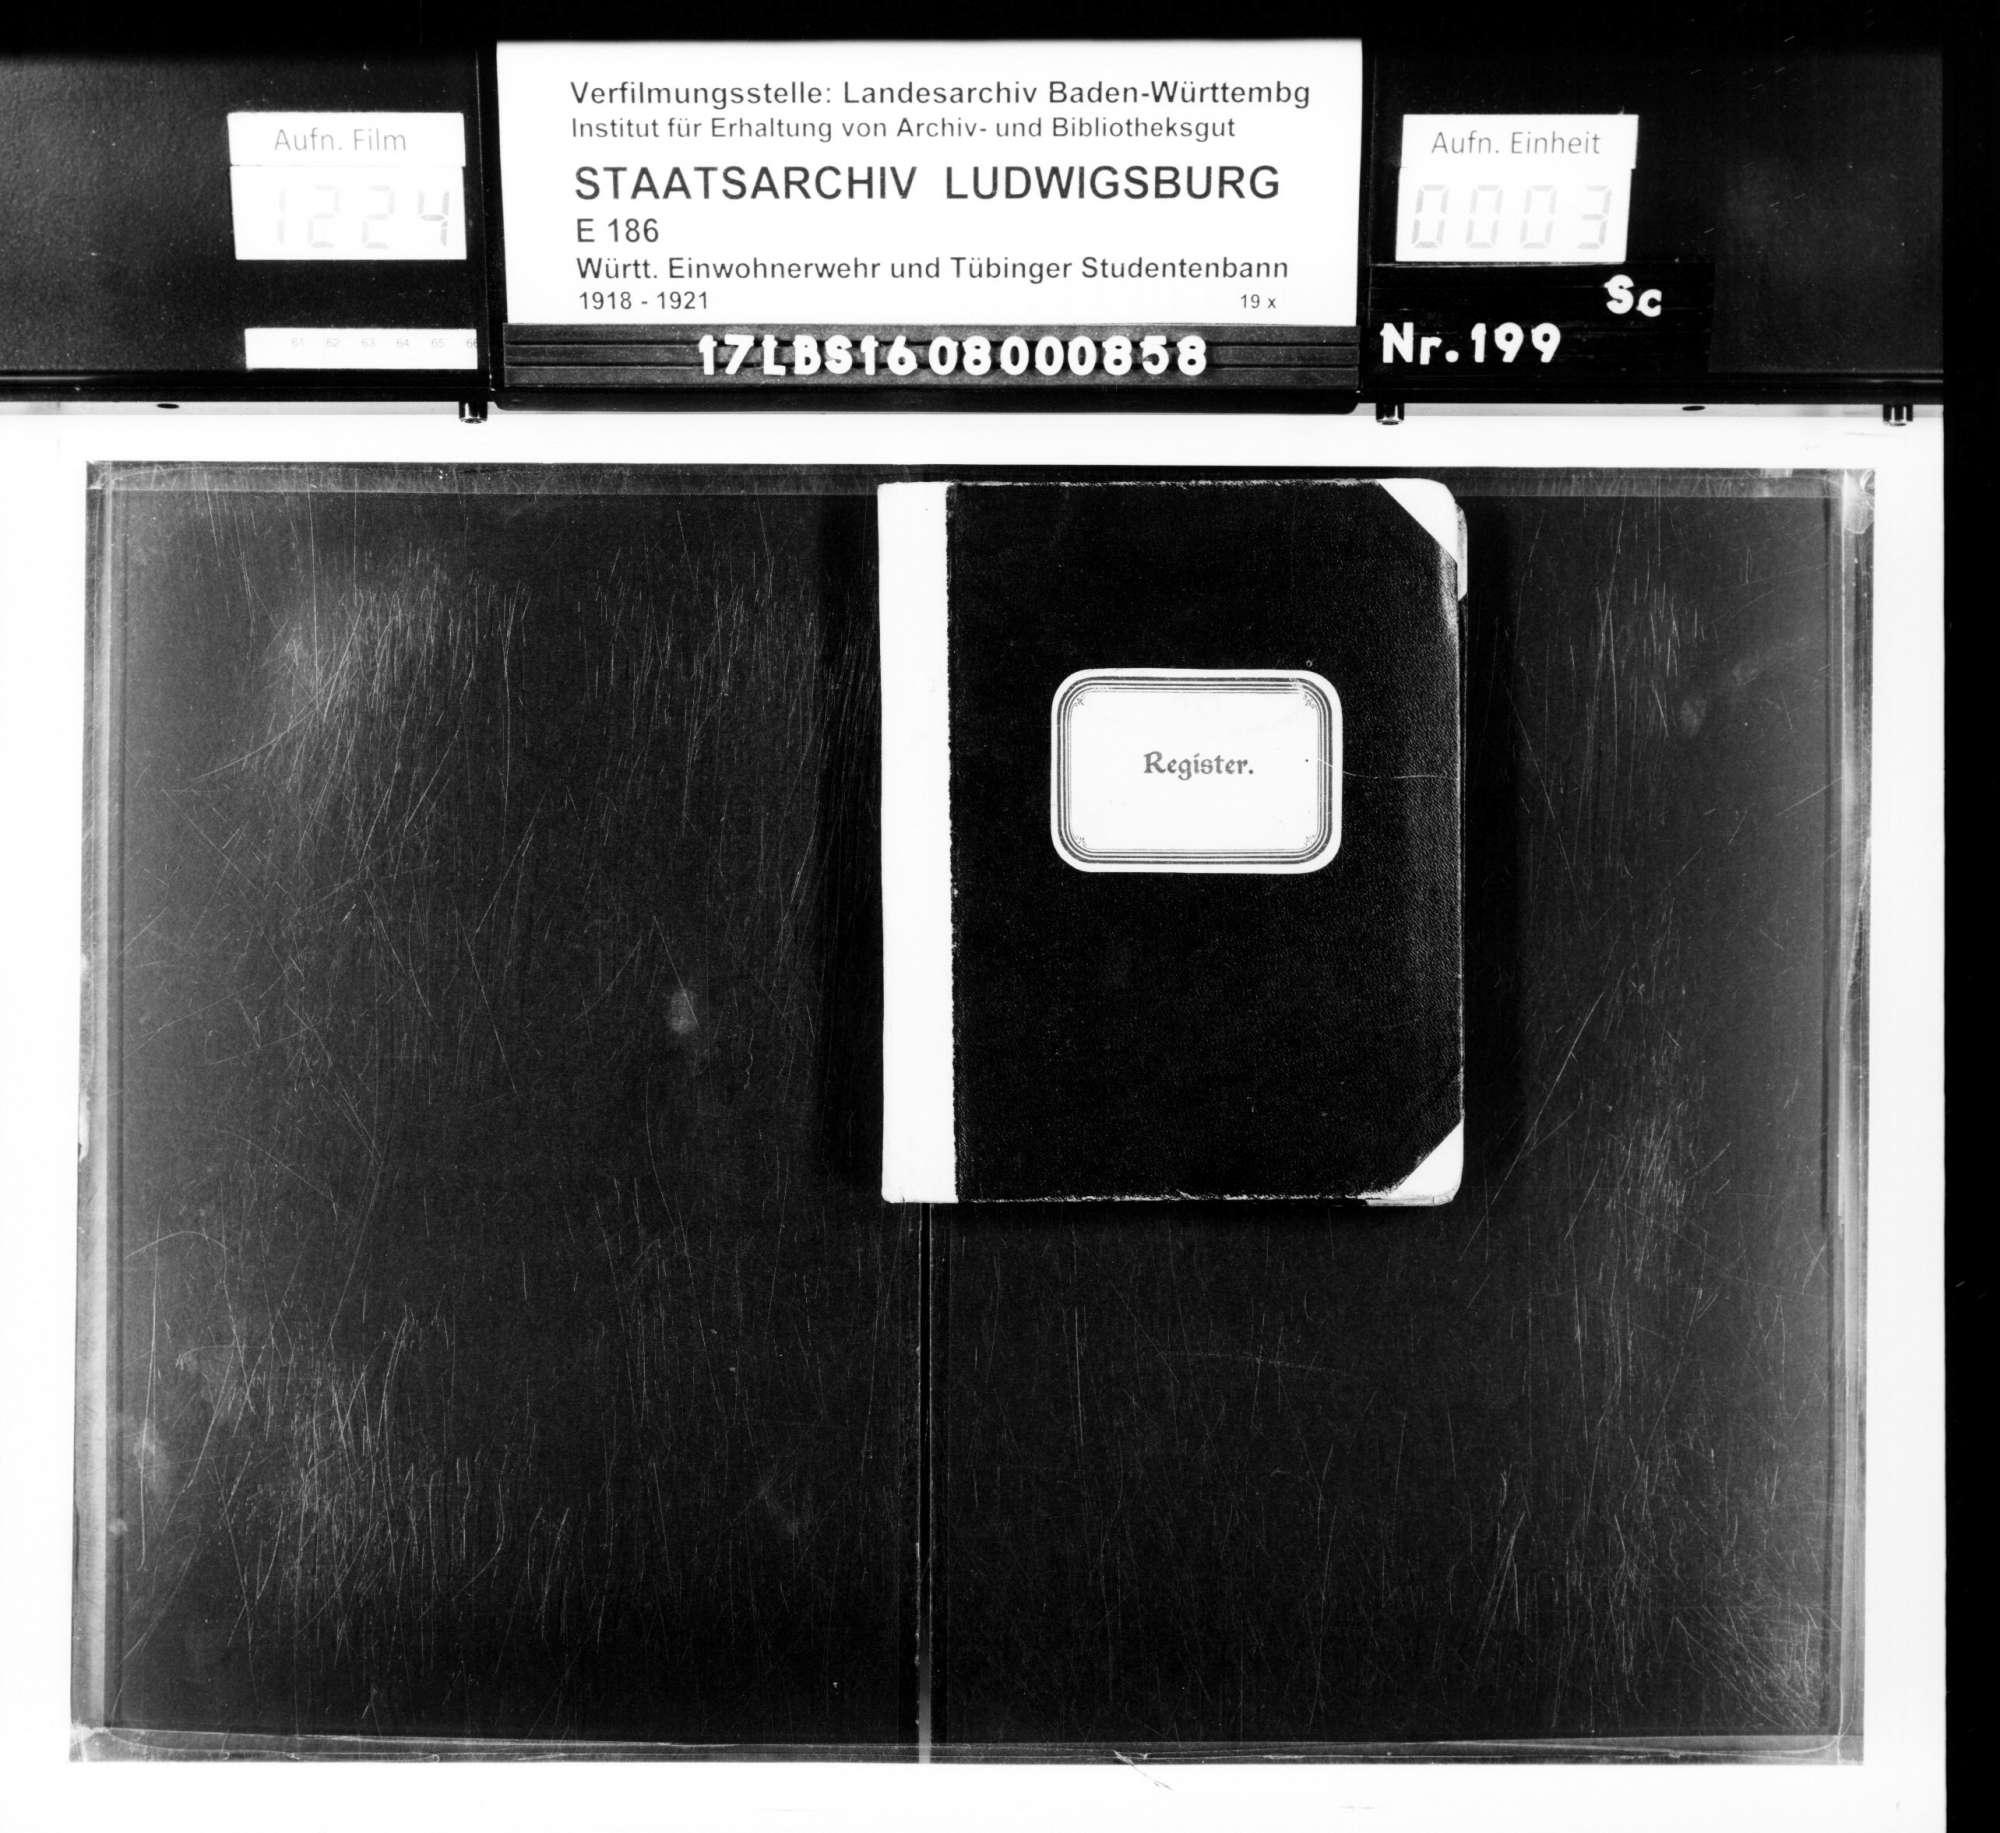 Alphabetisches Register für das 2. Aufgebot, Bild 1